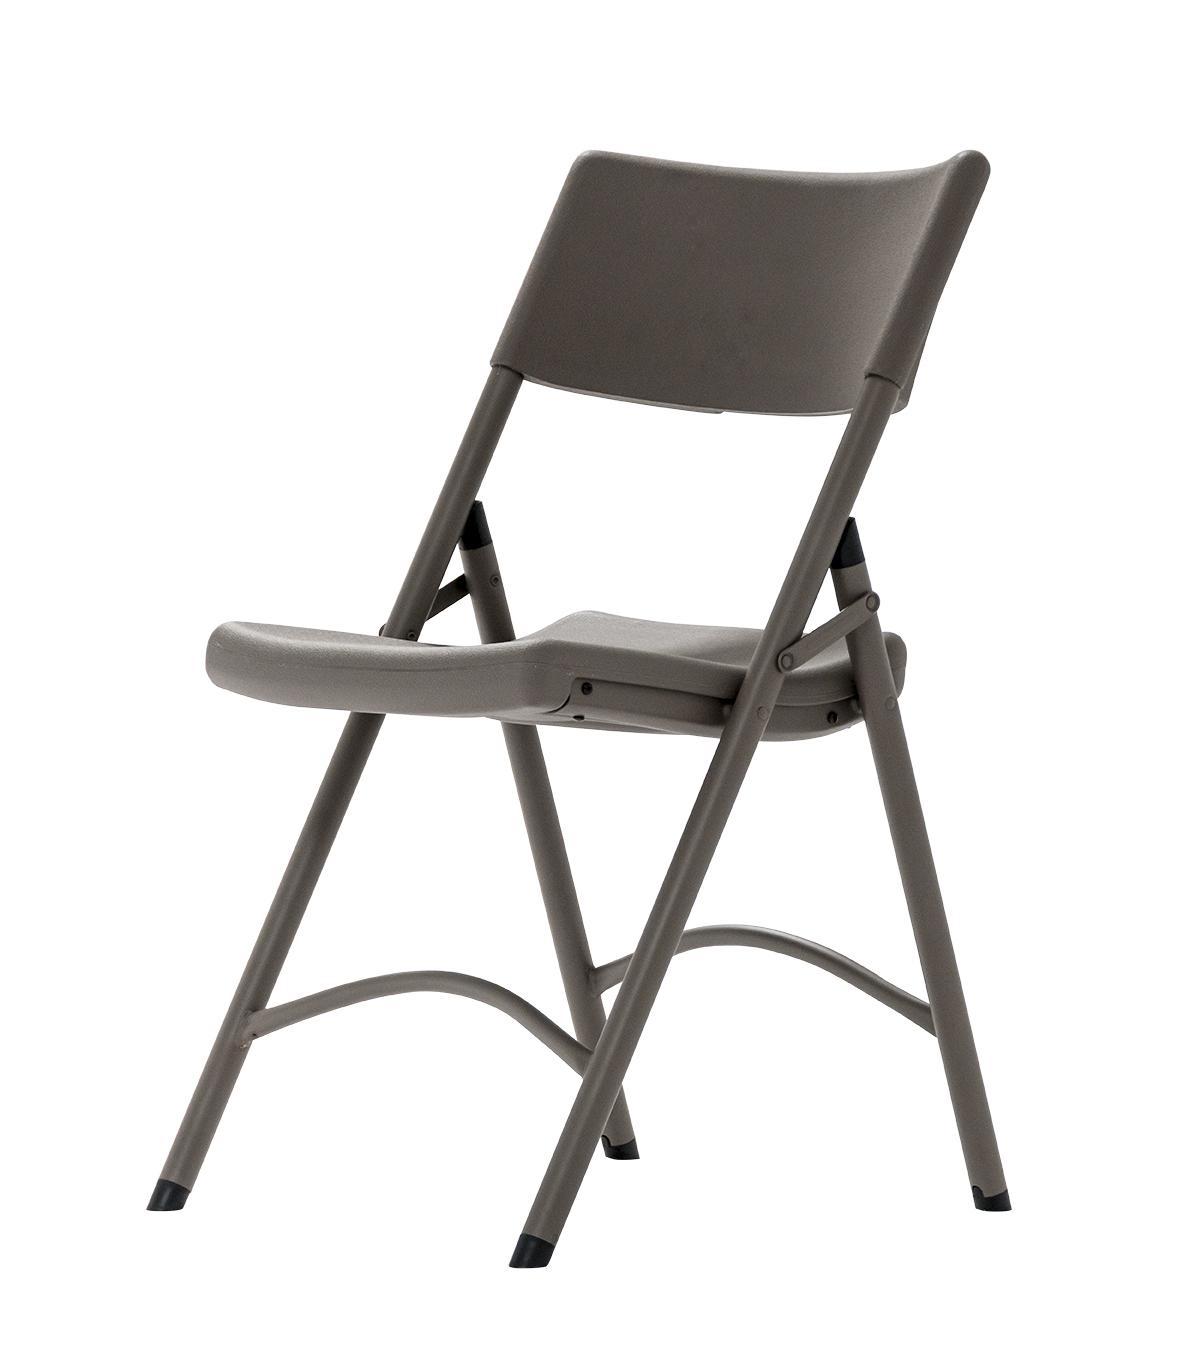 Silla plegable s1131 sillas y mesas plegables - Silla alta plegable ...